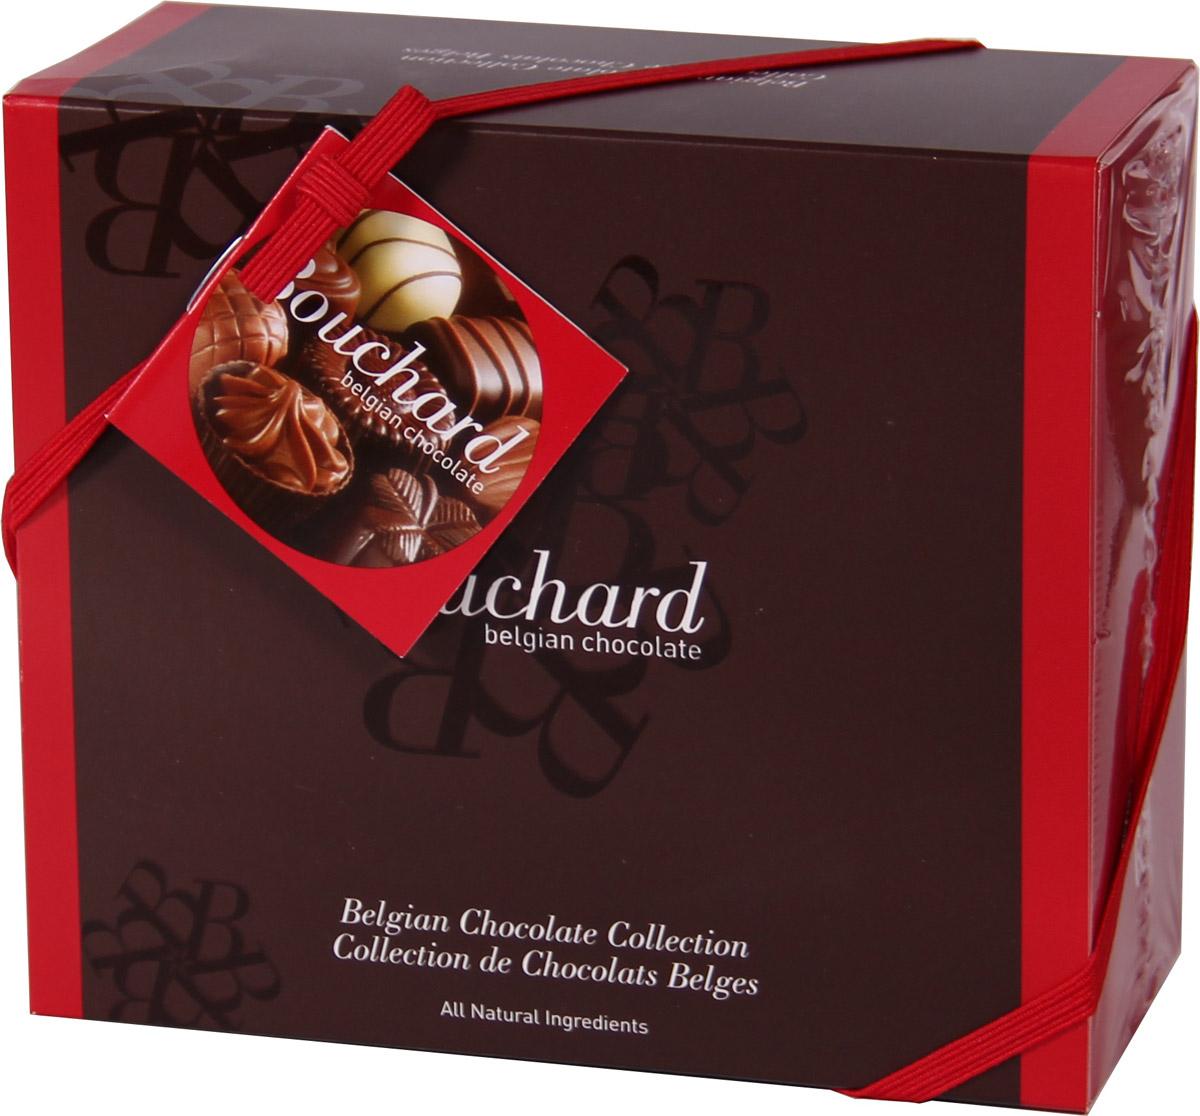 Bouchard Ассорти Премиум Бельгийская Шоколадная коллекция, 250 г0120710Восхитительные бельгийские шоколадные конфеты BOUCHARD L'ESCAUT Ассорти Премиум произведут впечатление на самого разборчивого знатока шоколада.Конфеты Bouchard наполнены нежнейшим кремом с добавлением миндаля и фундука. Покрыты изысканным бельгийским шоколадом. Отличаются ароматом ванили и насыщенным вкусом с притягательной терпкостью.Бельгийцы - непревзойденные мастера в приготовлении шоколада - считают это лакомство лучшим подарком. Нежный, буквально тающий во рту, он доставит удовольствие всем любителям сладкого.